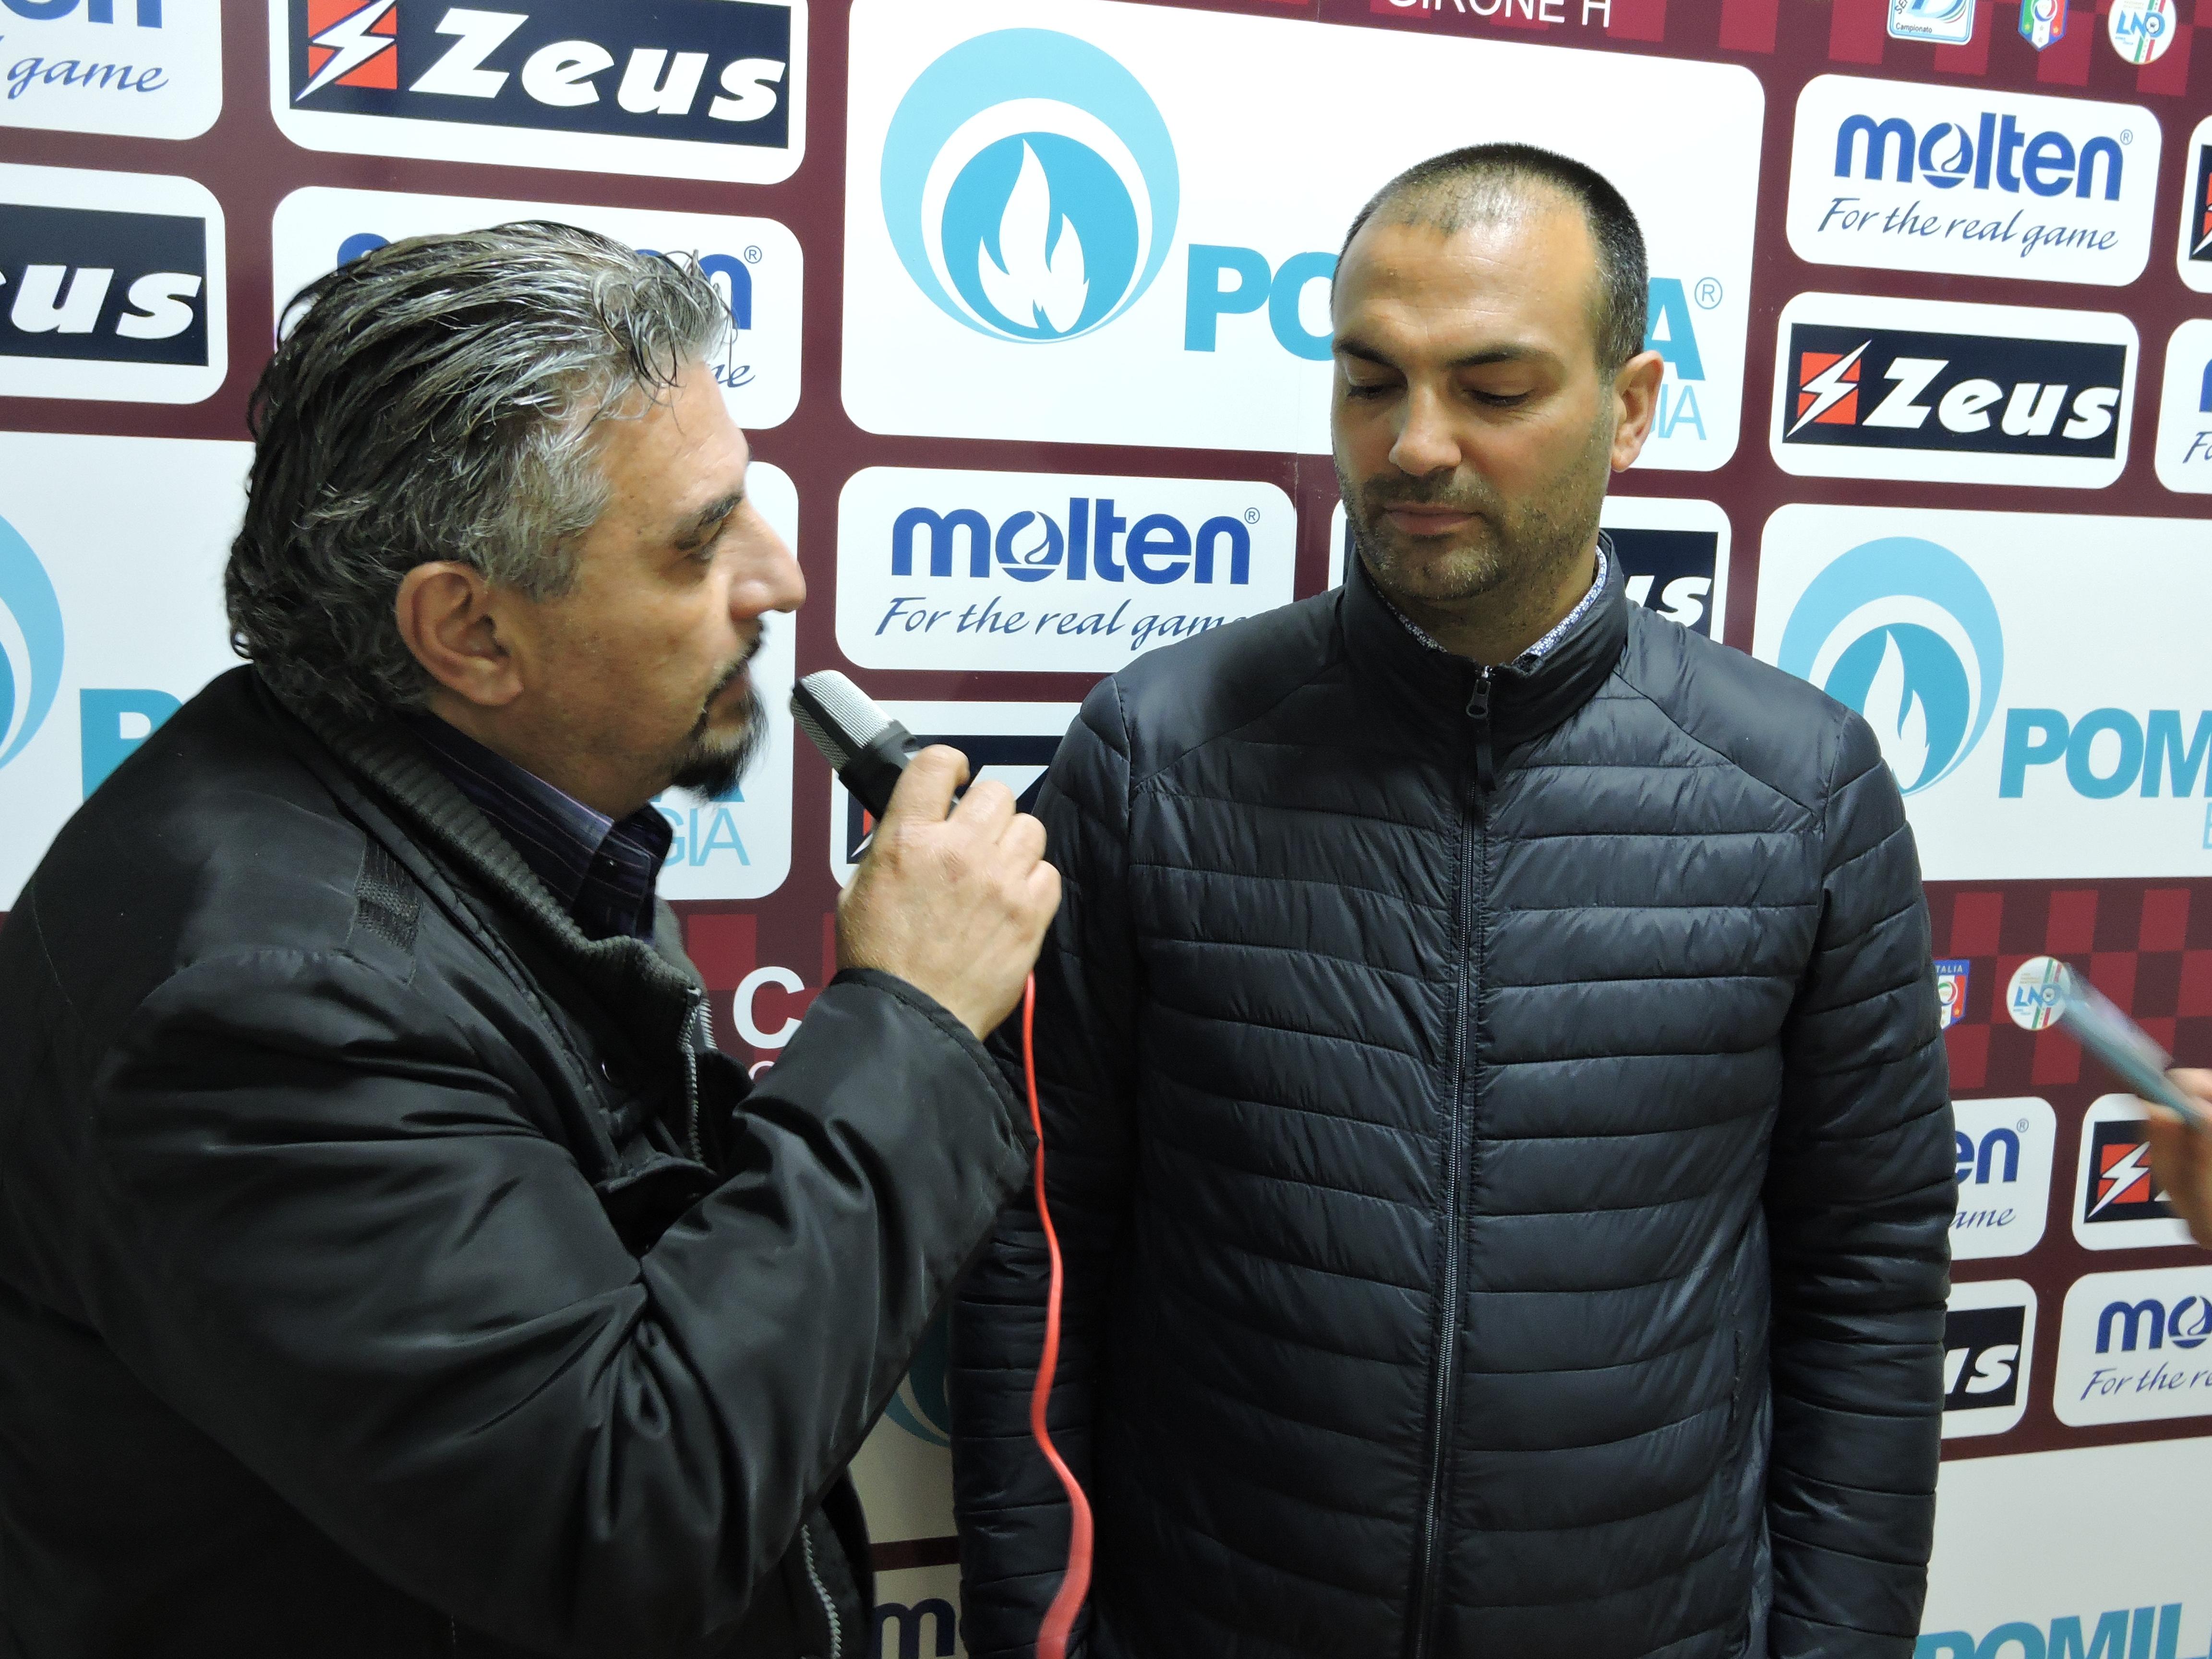 L'ex Pomigliano Avella in prova con una squadra di Serie C